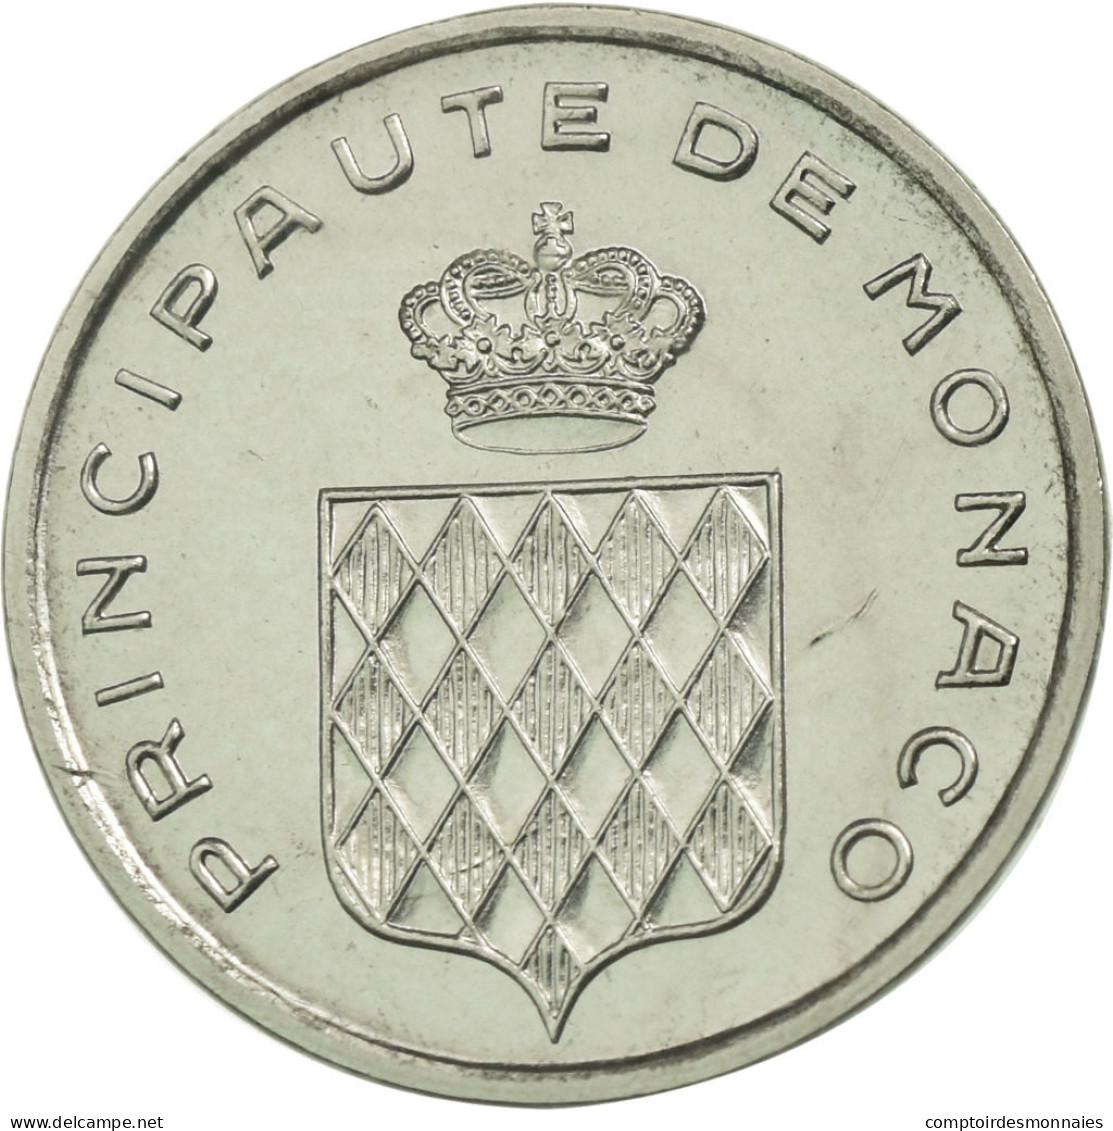 Monnaie, Monaco, Centime, 1976, ESSAI, FDC, Stainless Steel, Gadoury:MC 144 - 1960-2001 Nouveaux Francs